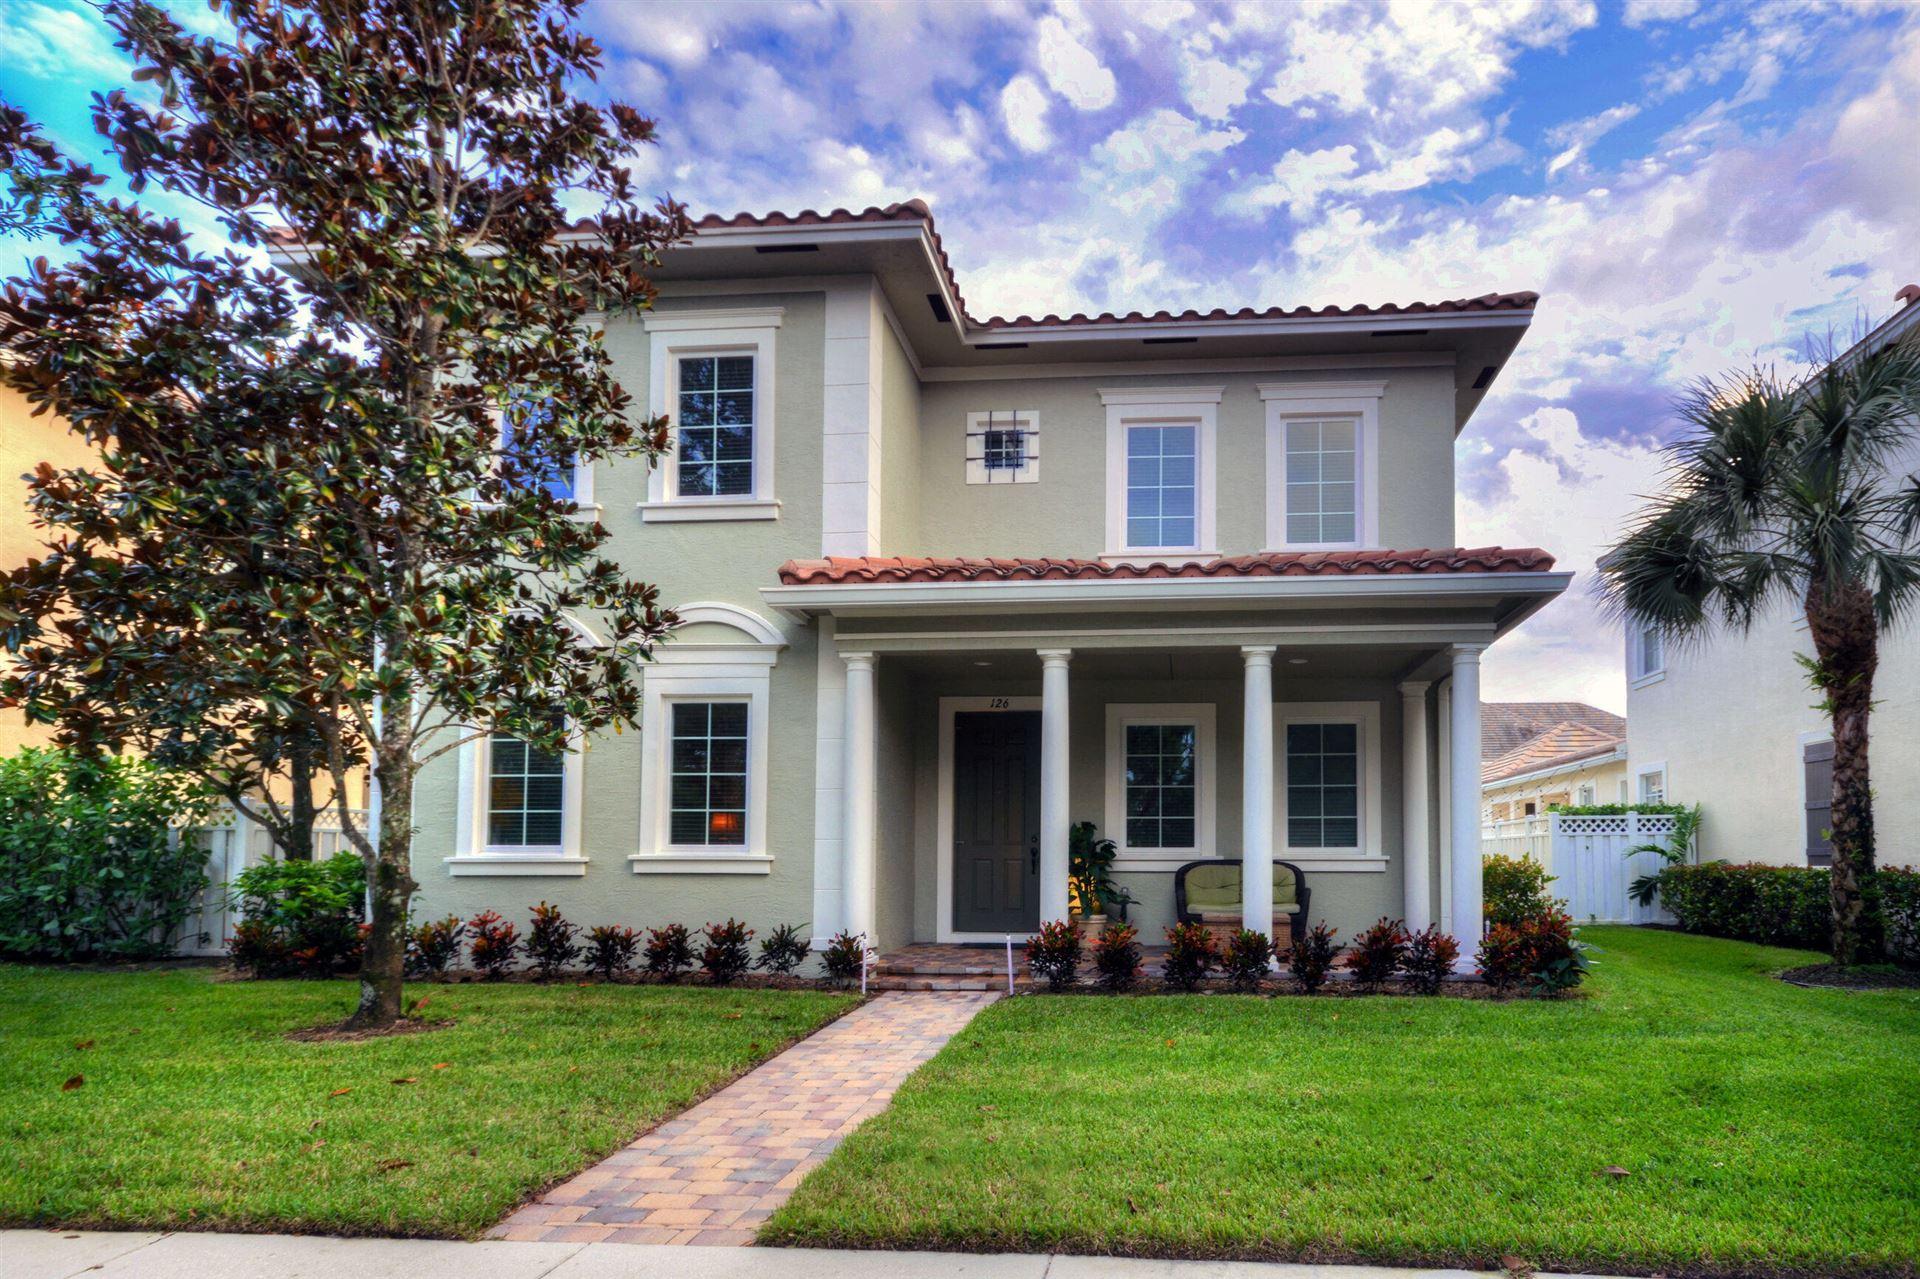 Photo of 126 Bandon Lane, Jupiter, FL 33458 (MLS # RX-10666134)